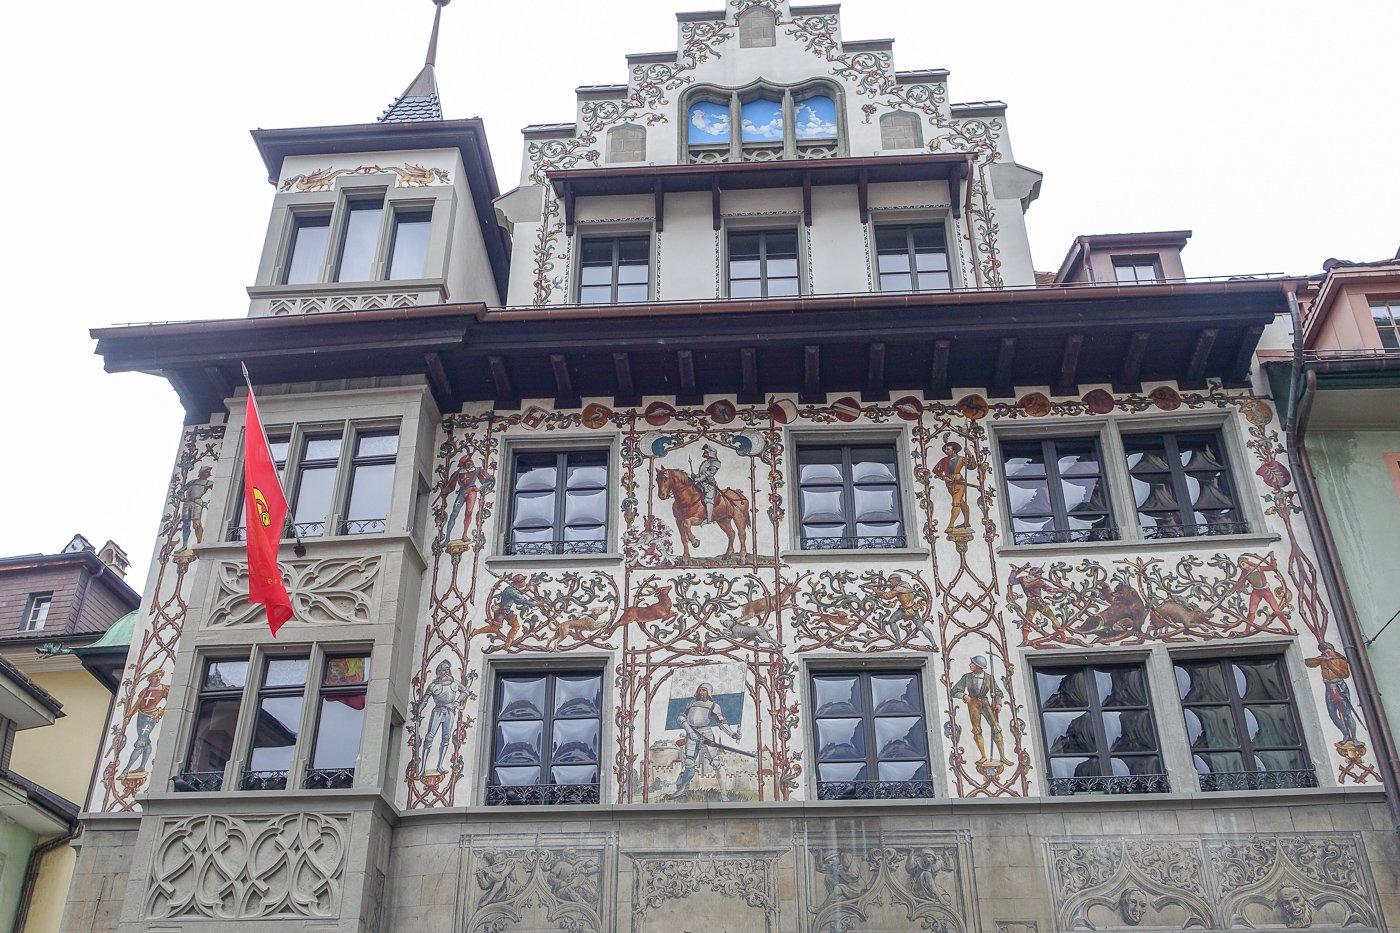 Haus am Hirschenplatz: Im 19. Jahrhundert wurden zahlreiche Gebäude mit solchen Fresken geschmückt.